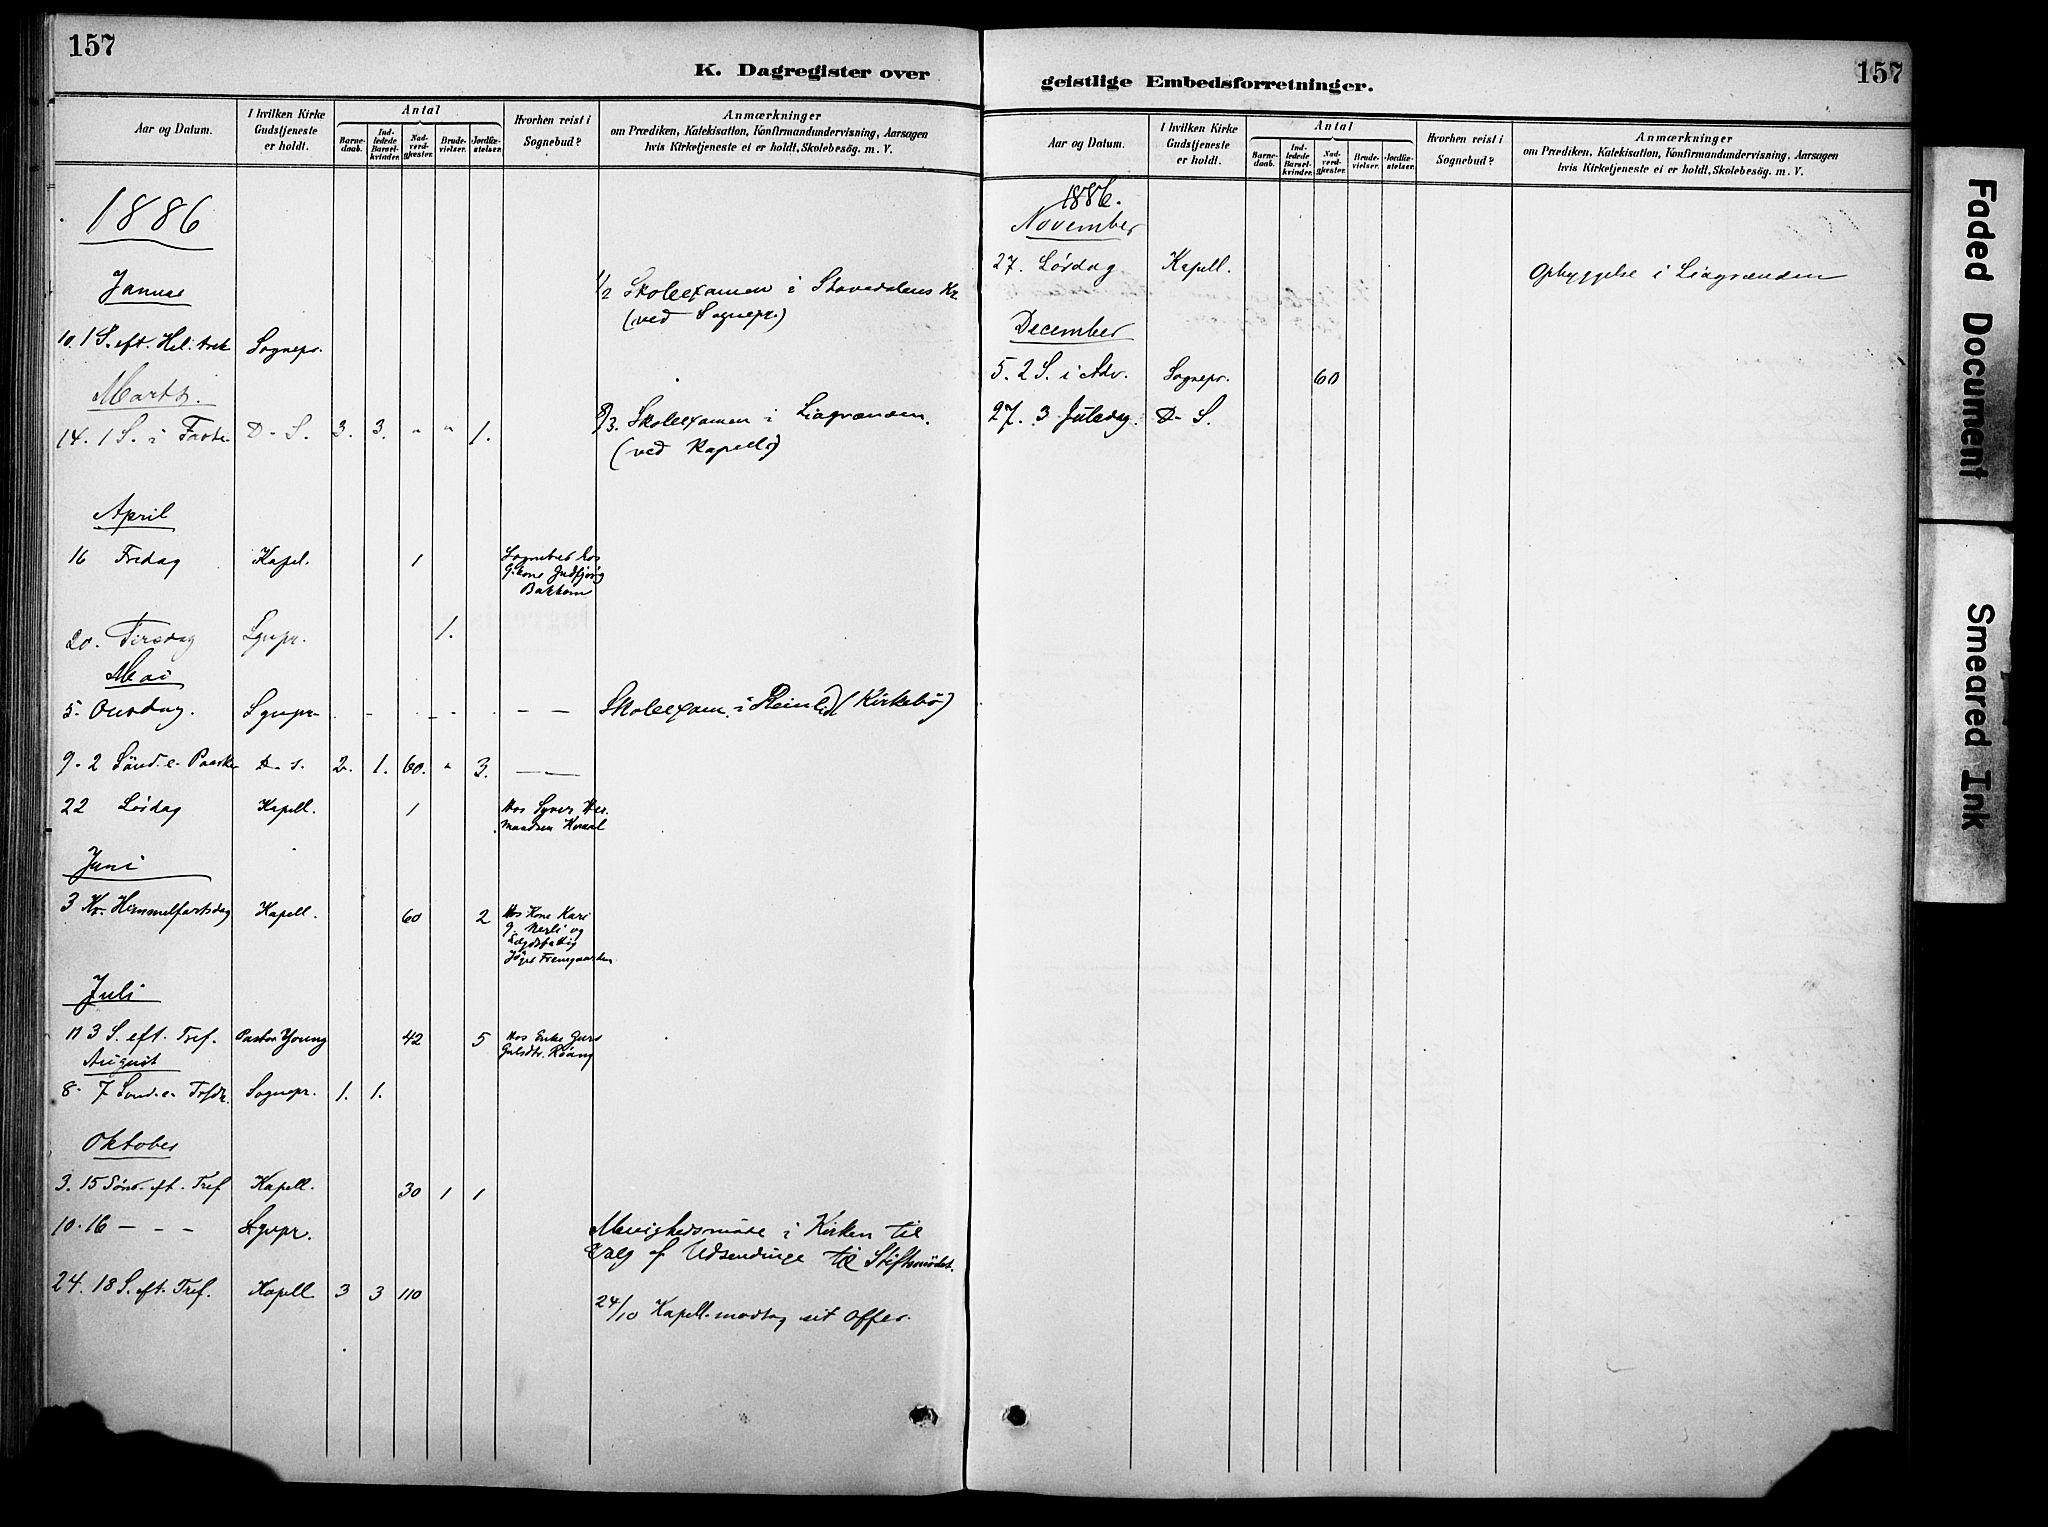 SAH, Sør-Aurdal prestekontor, Ministerialbok nr. 10, 1886-1906, s. 157